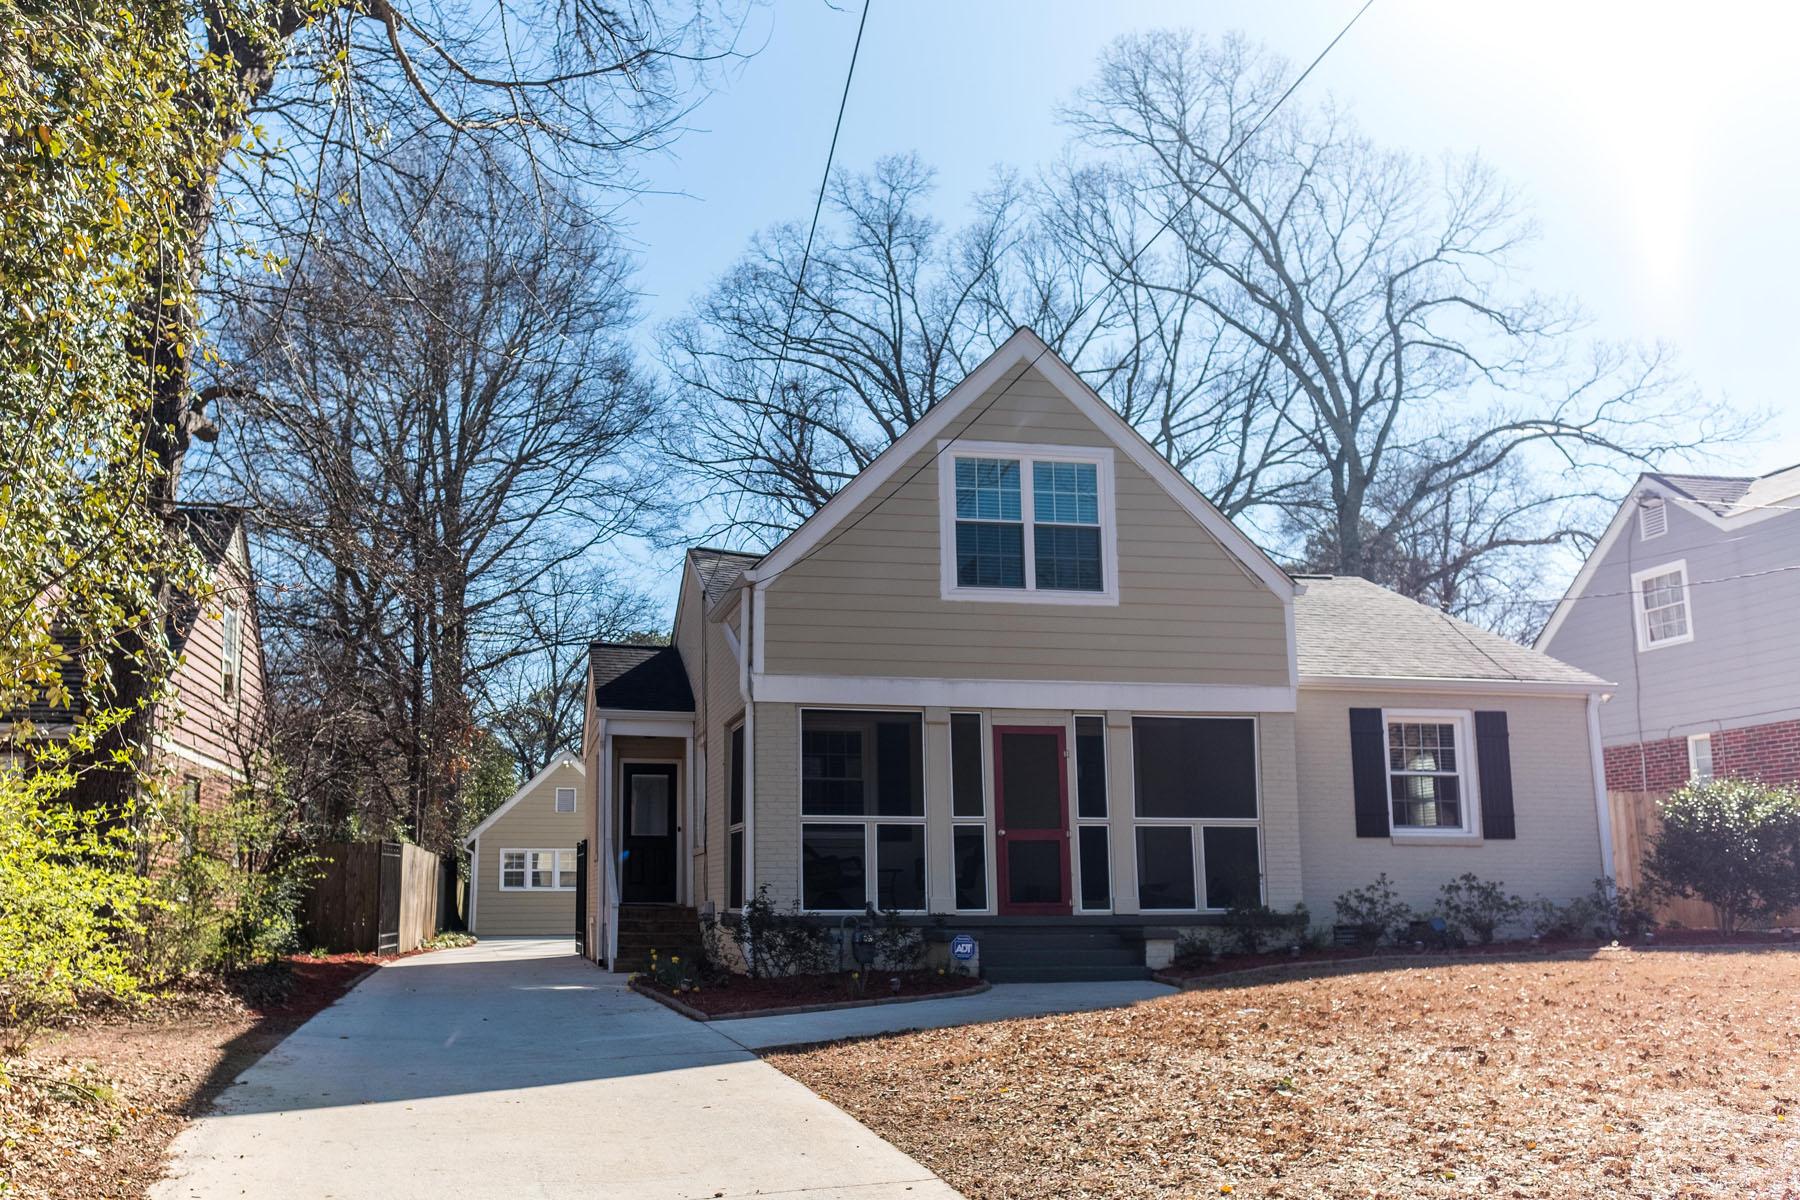 Casa para uma família para Venda às East Lake Bungalow with Guest House 33 Candler Road NE East Lake, Atlanta, Geórgia, 30317 Estados Unidos